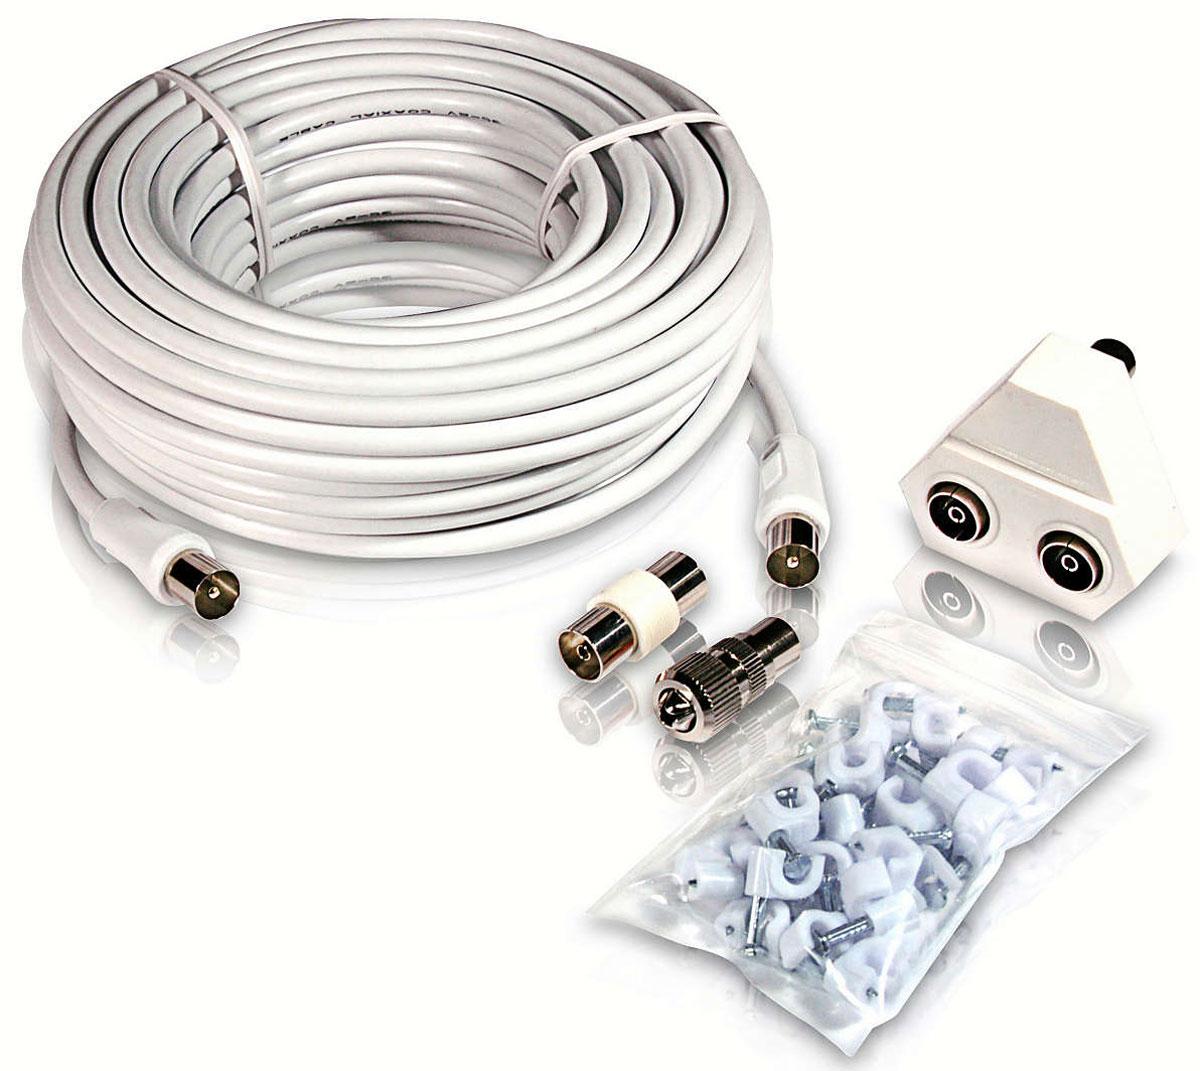 Philips SWV2209W/10 коаксиальный кабель, 15 мSWV2209W/10Никелированные разъемы кабеля Philips SWV2209W/10 позволяют получить устойчивое соединение для надежного подключения. Экранирование неизолированной медью защищает от потери сигнала. Нескользящая ручка делает установку компонентов эргономичной и удобной. Литые штекеры обеспечивают надежное соединение компонентов и дополнительную прочность. Резиновый кабельный зажим Philips SWV2209W/10 обеспечивает безопасное и в то же время гибкое соединение между устройством и разъемом. Медный проводник обеспечивает высокую точность передачи сигнала с минимальным сопротивлением. Разъемы, маркированные разными цветами, облегчают подключение кабелей к необходимым входам и выходам. Адаптер Гнездо (F) - Гнездо (F) прилагается для гибкости при использовании изделия. Гибкая полихлорвиниловая оболочка обеспечивает защиту сердечника кабеля и служит также для дополнительной прочности и удобства установки.